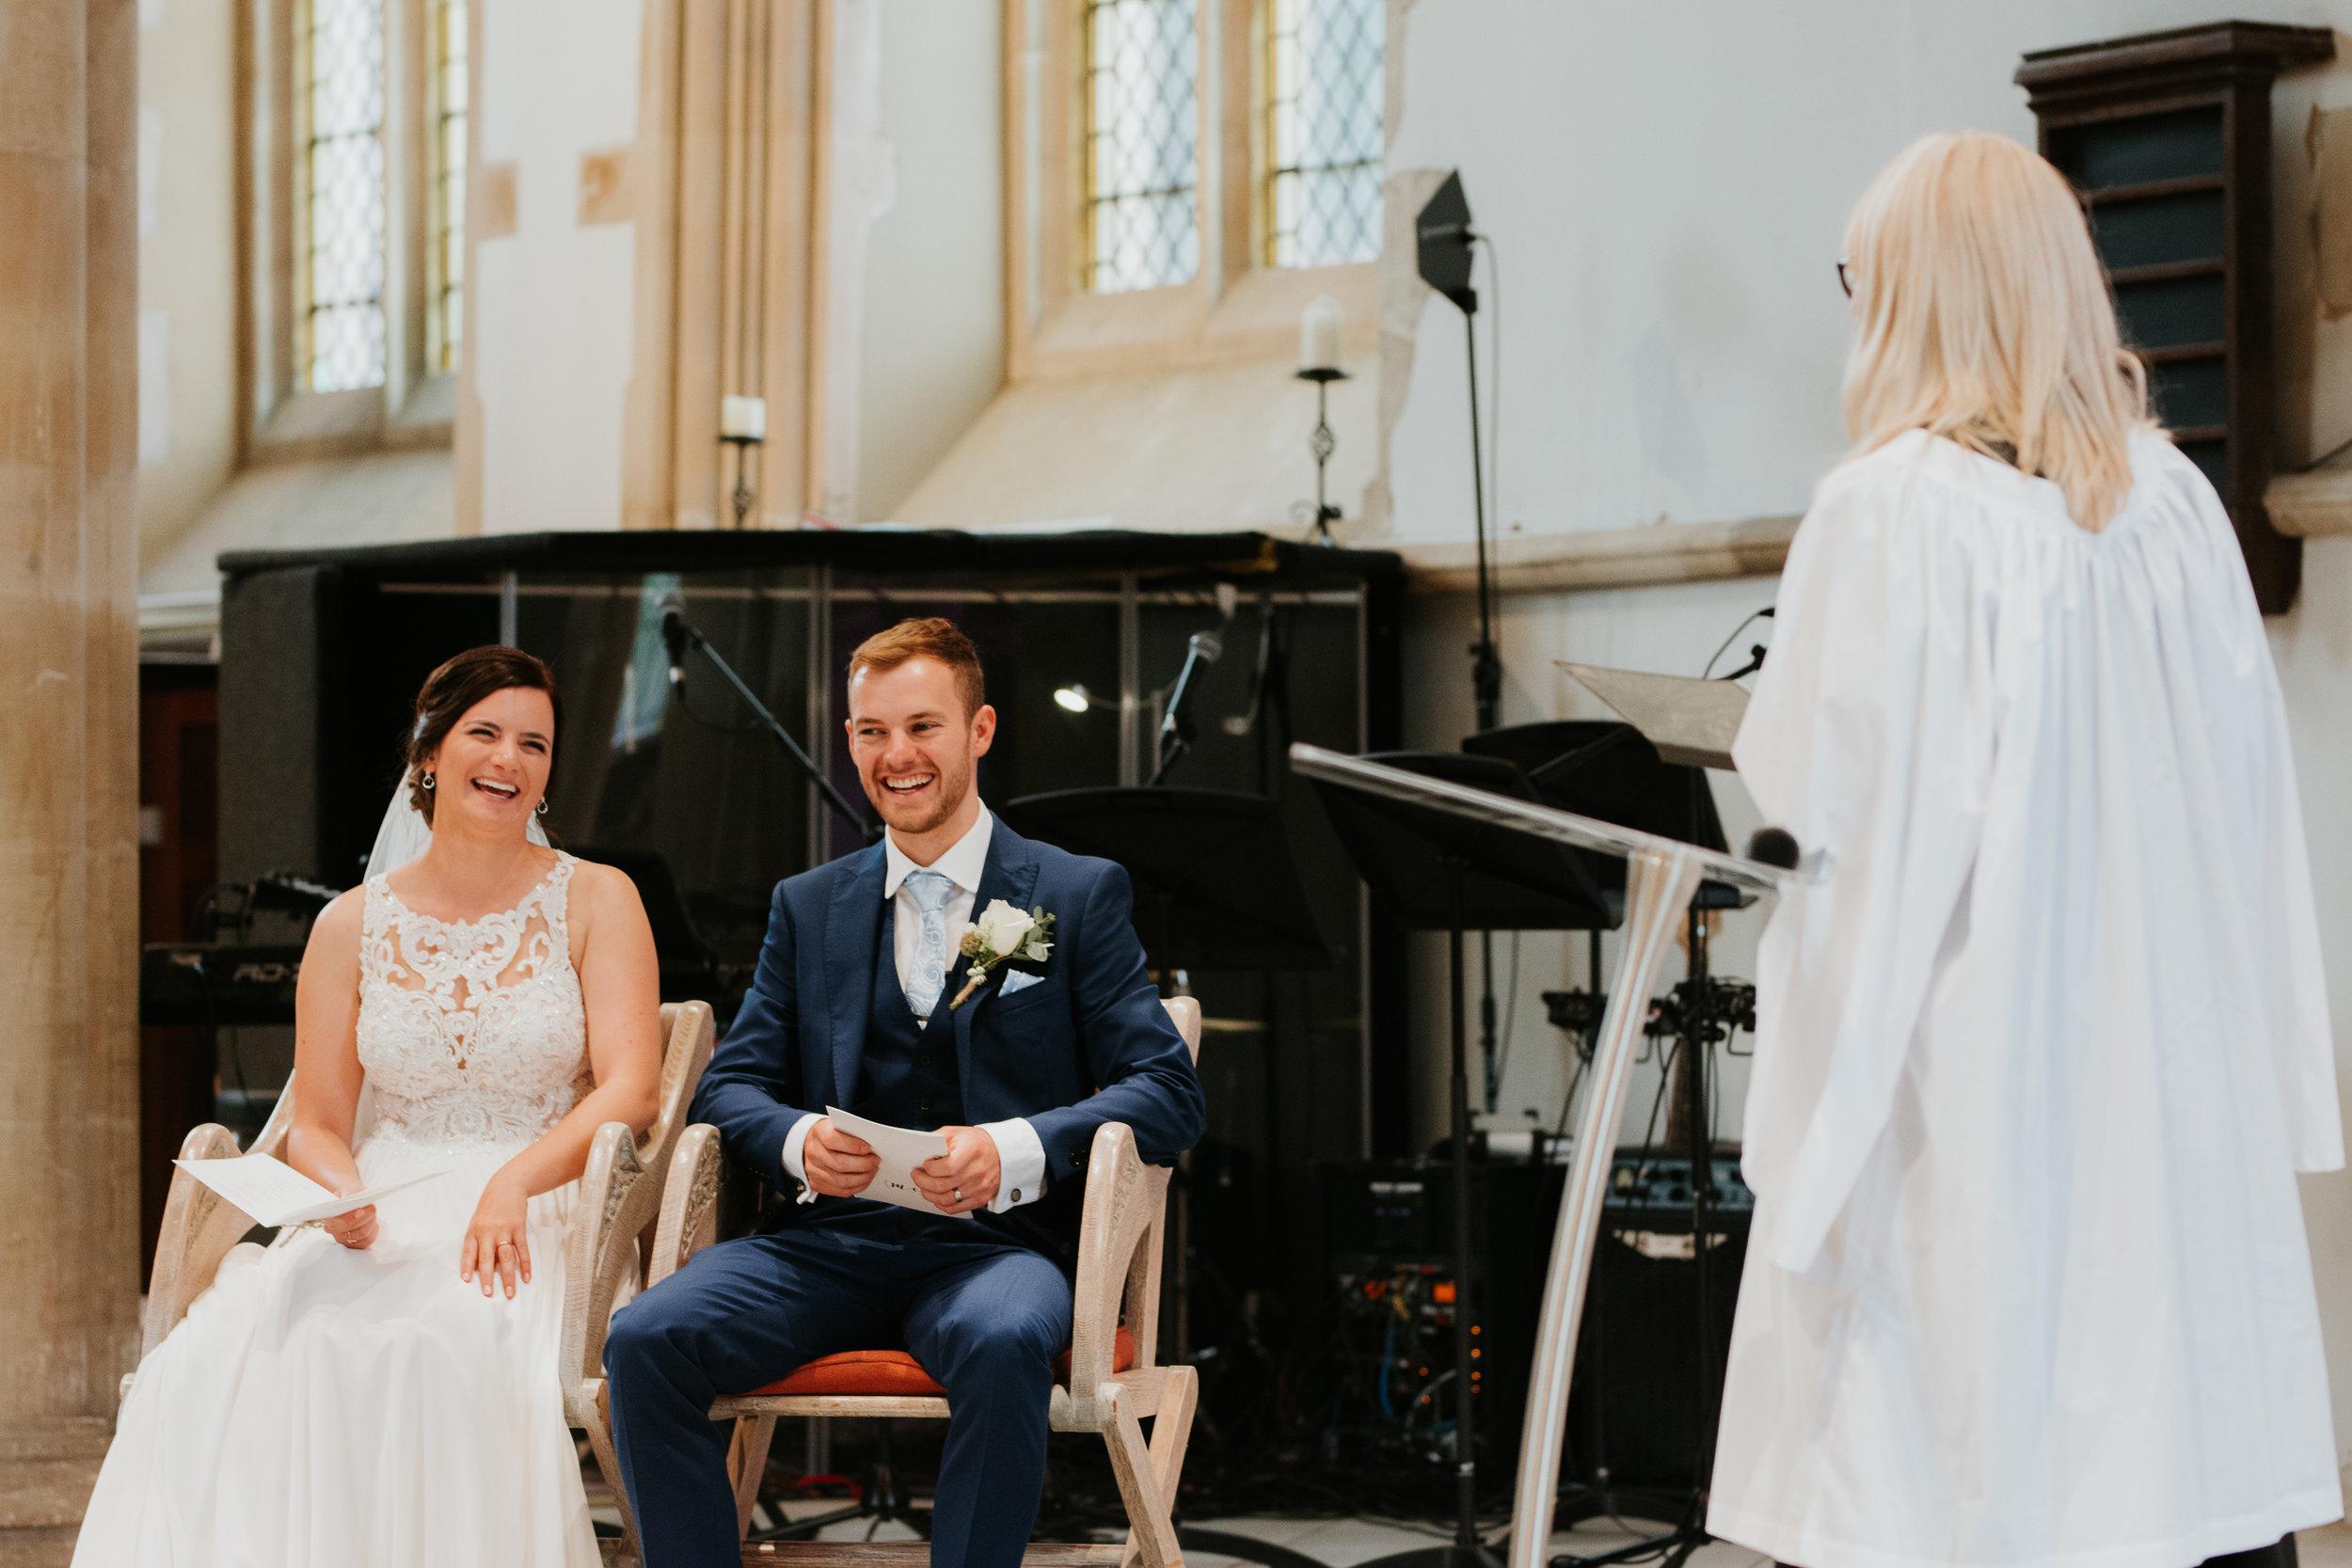 wedding photographer capturing emotion